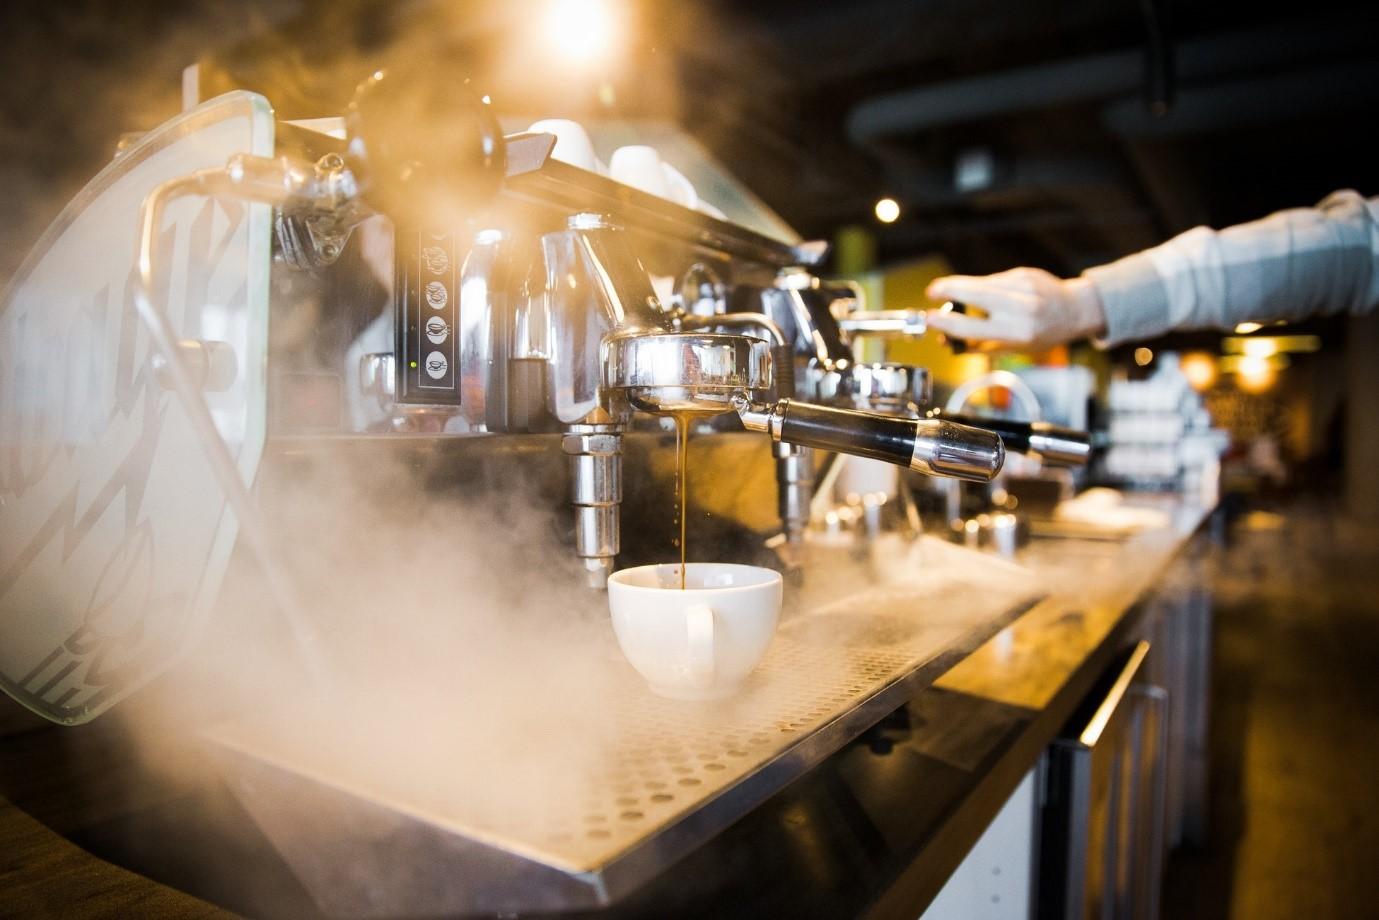 Bustling CBD Espresso Bar | 5 Day Trading